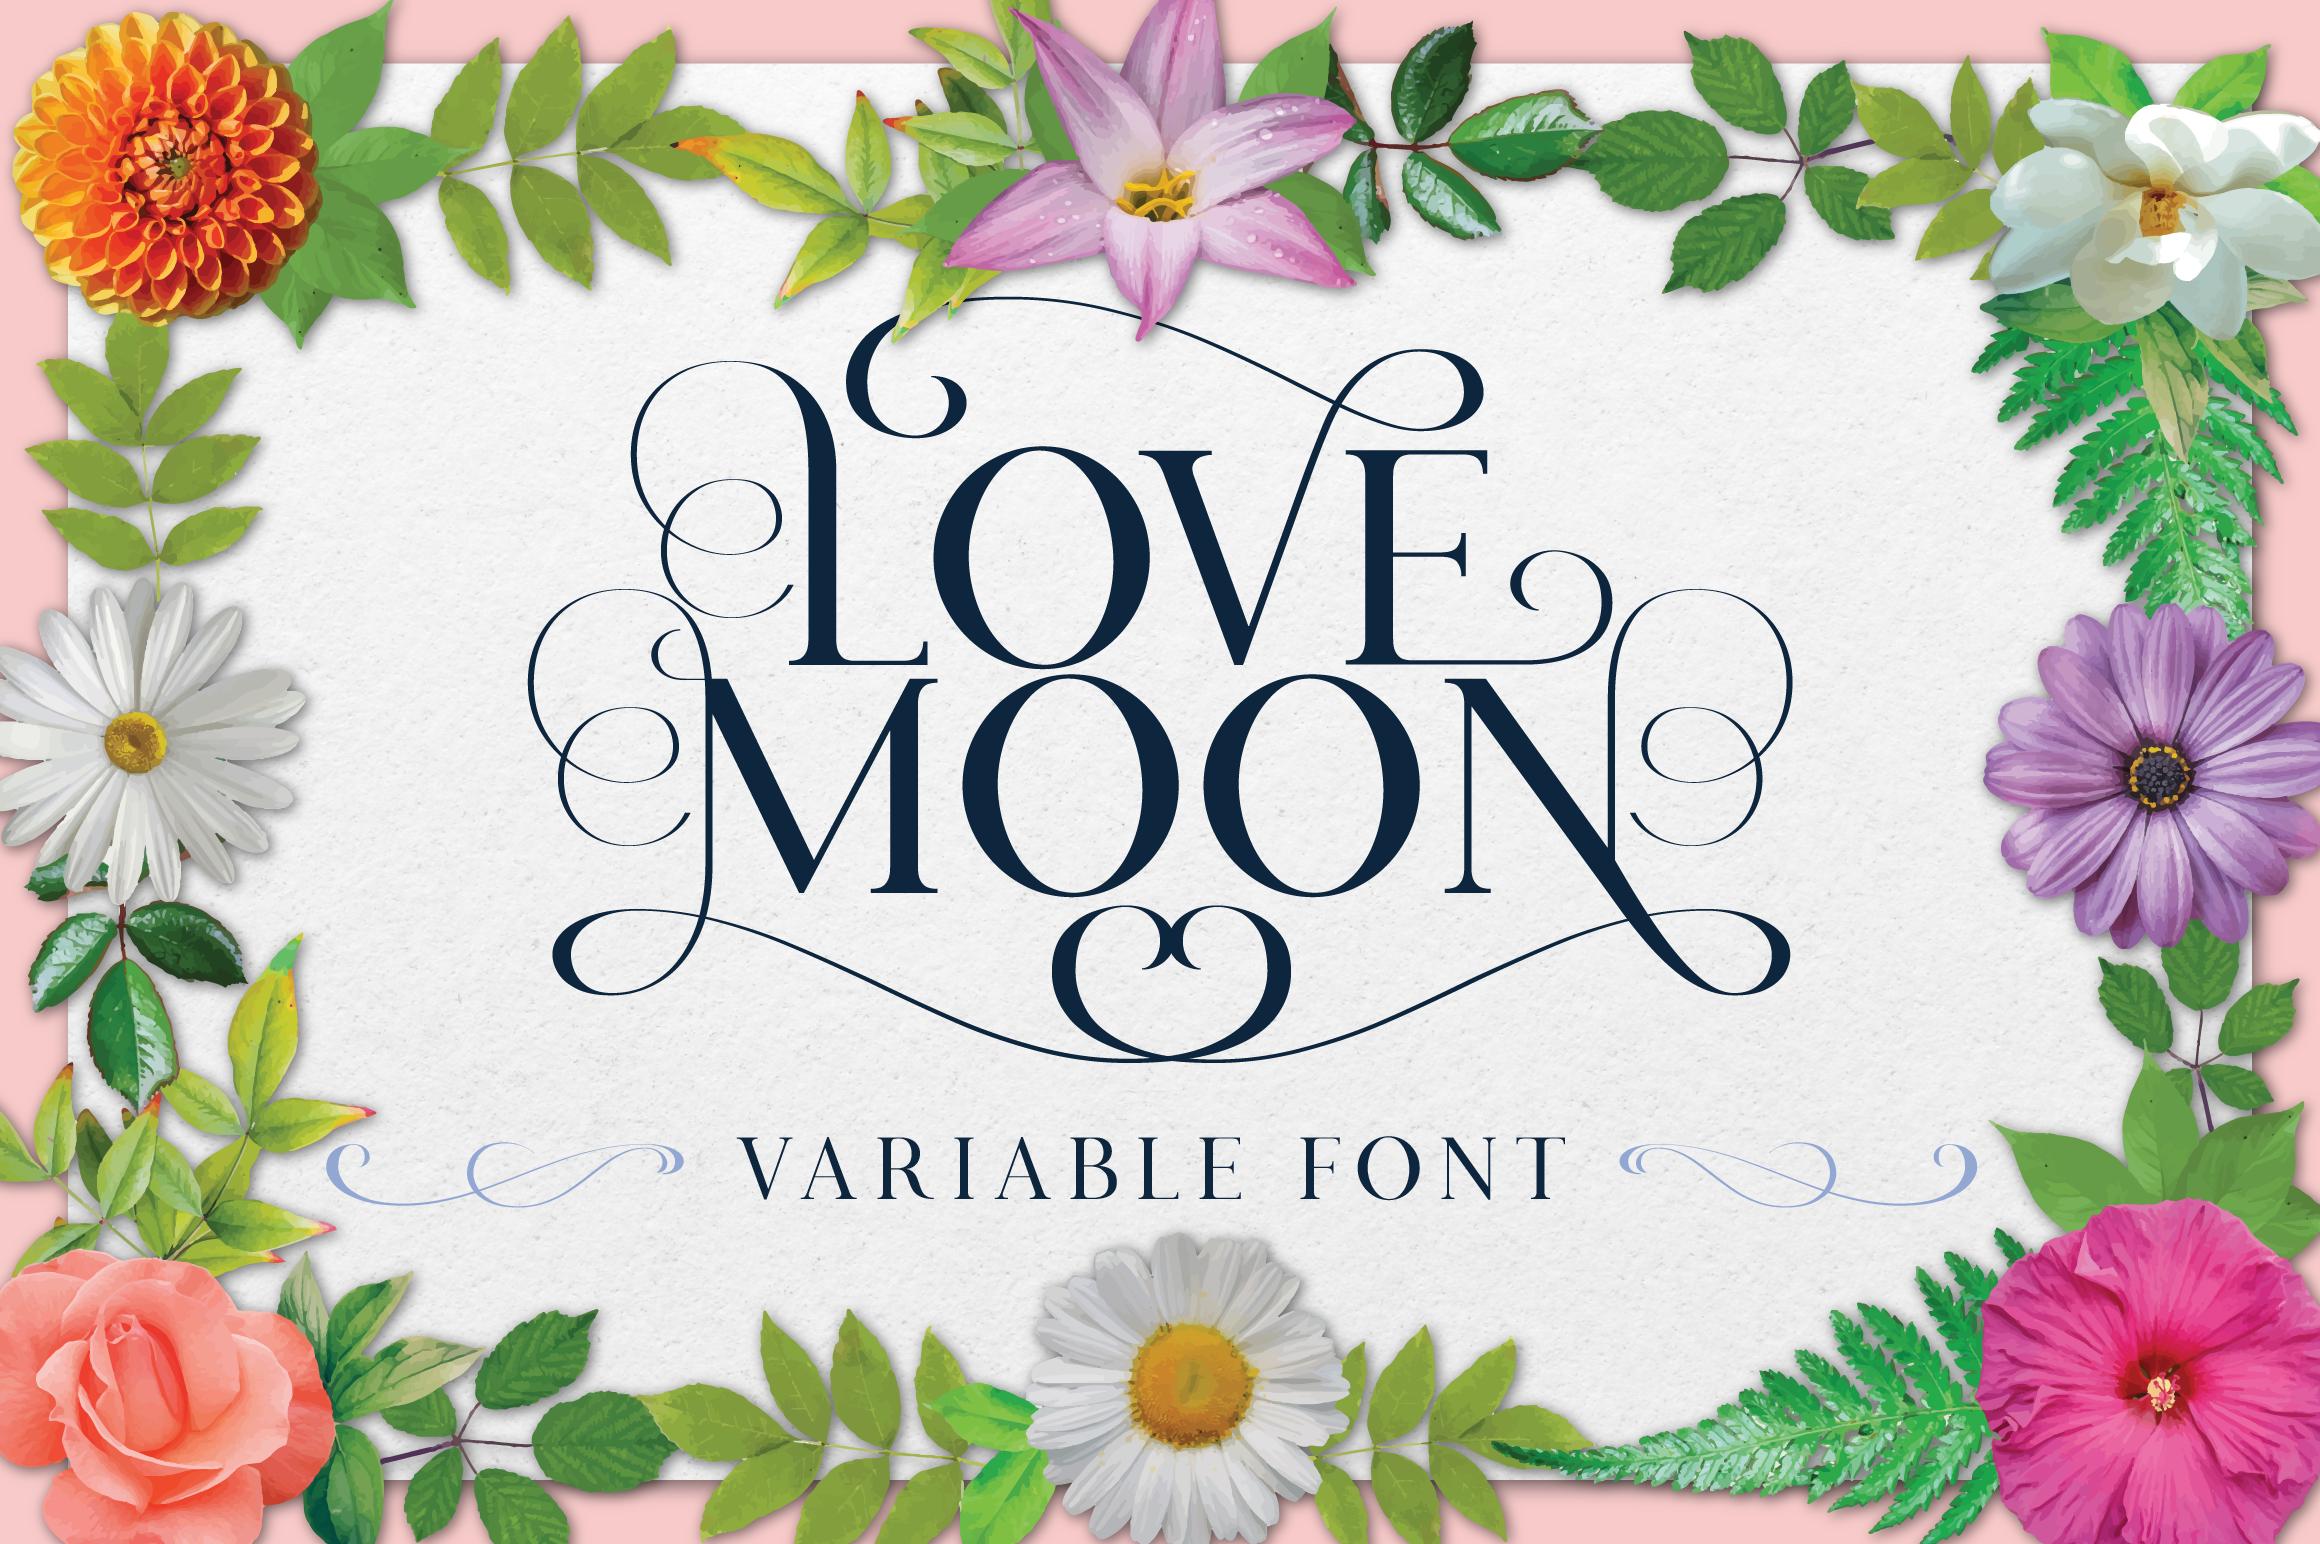 Love Moon + Bonus example image 1